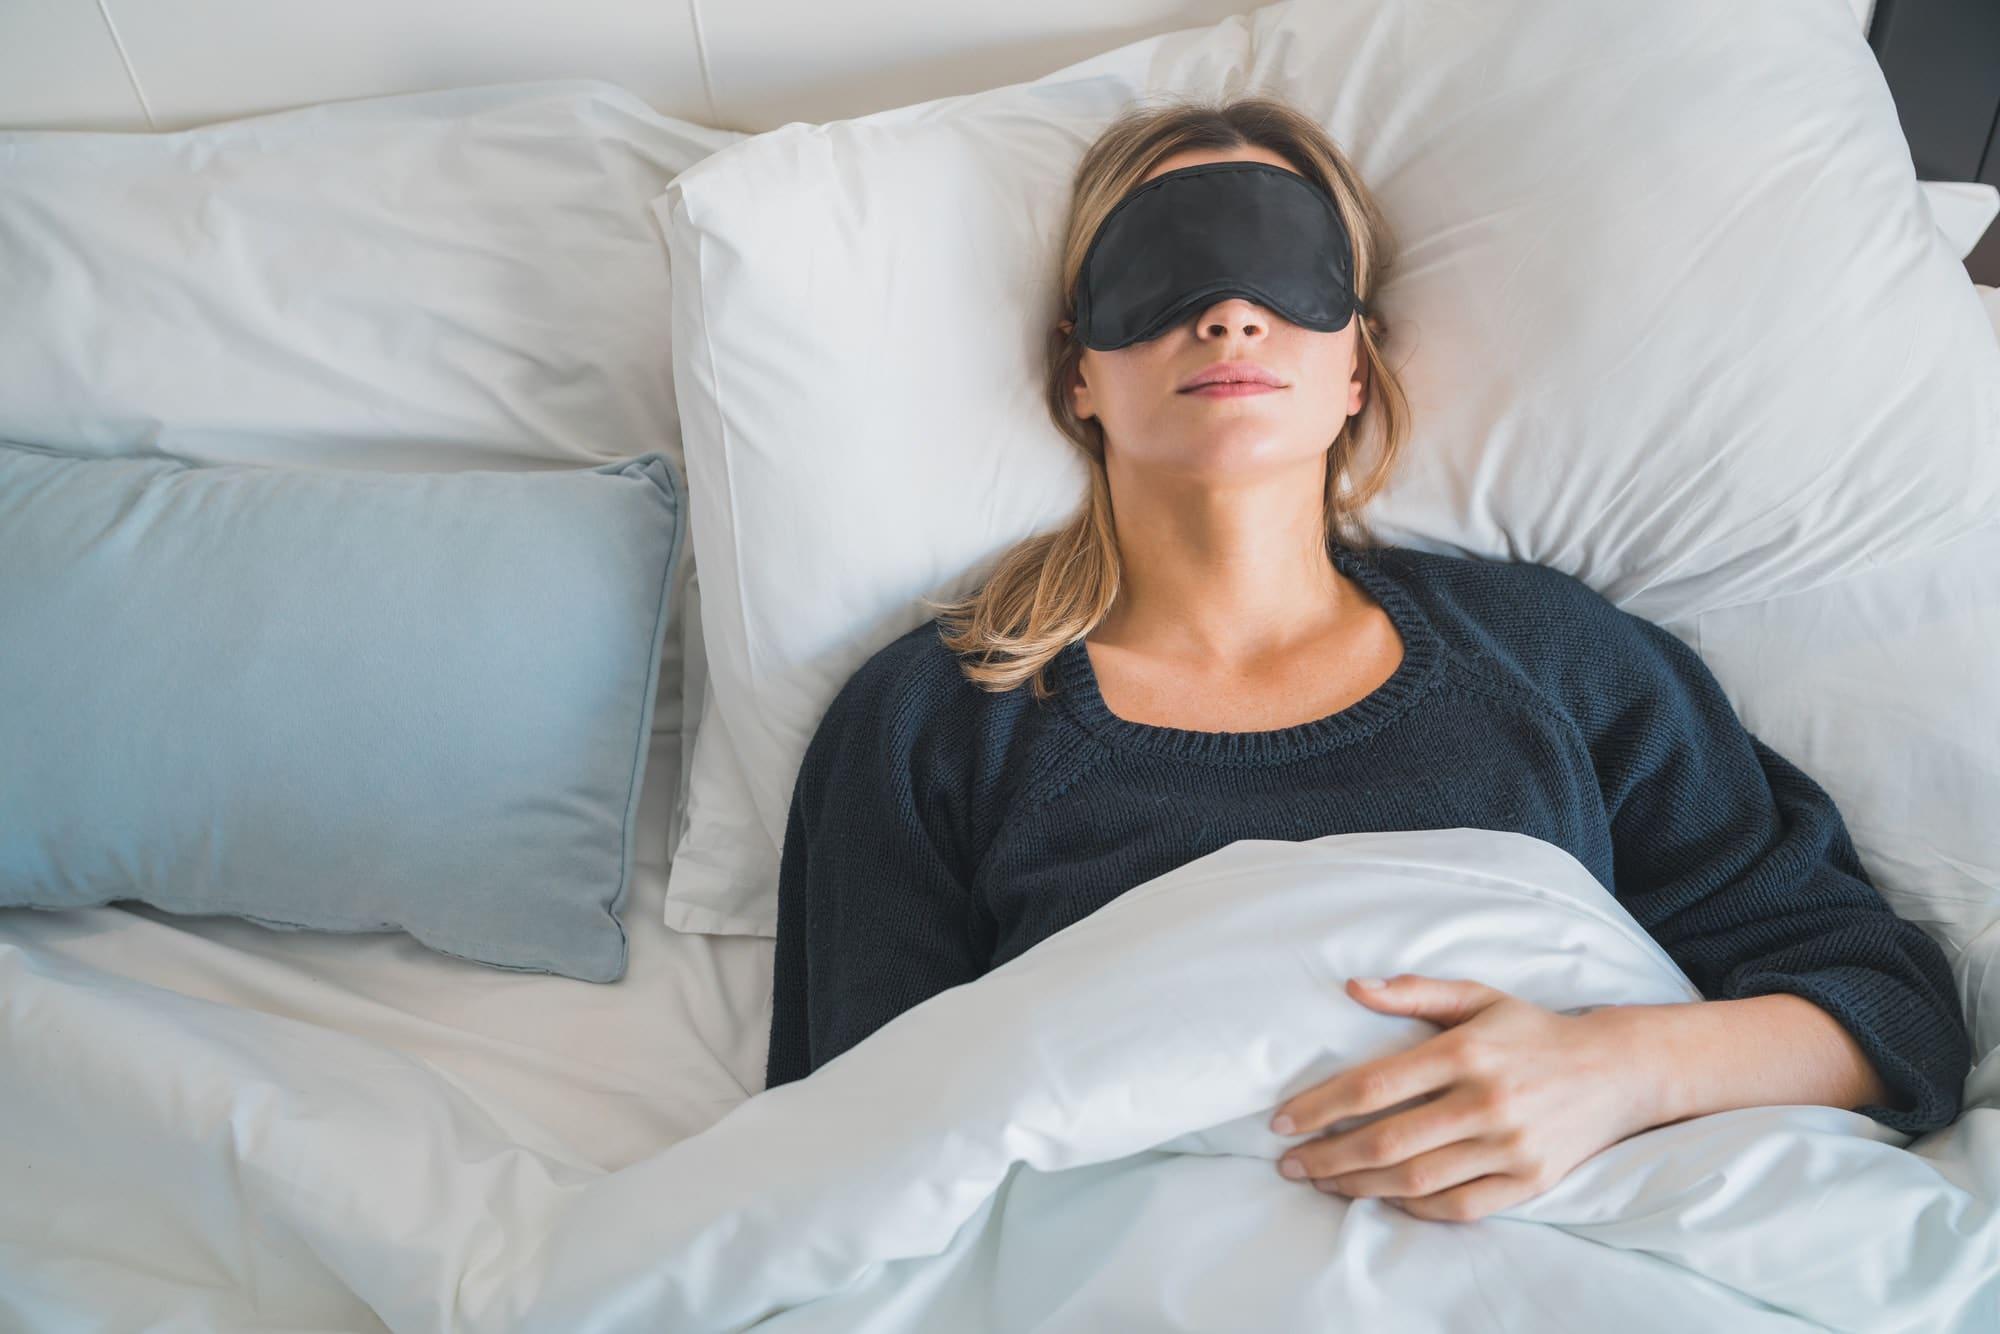 femme dort avec un masque